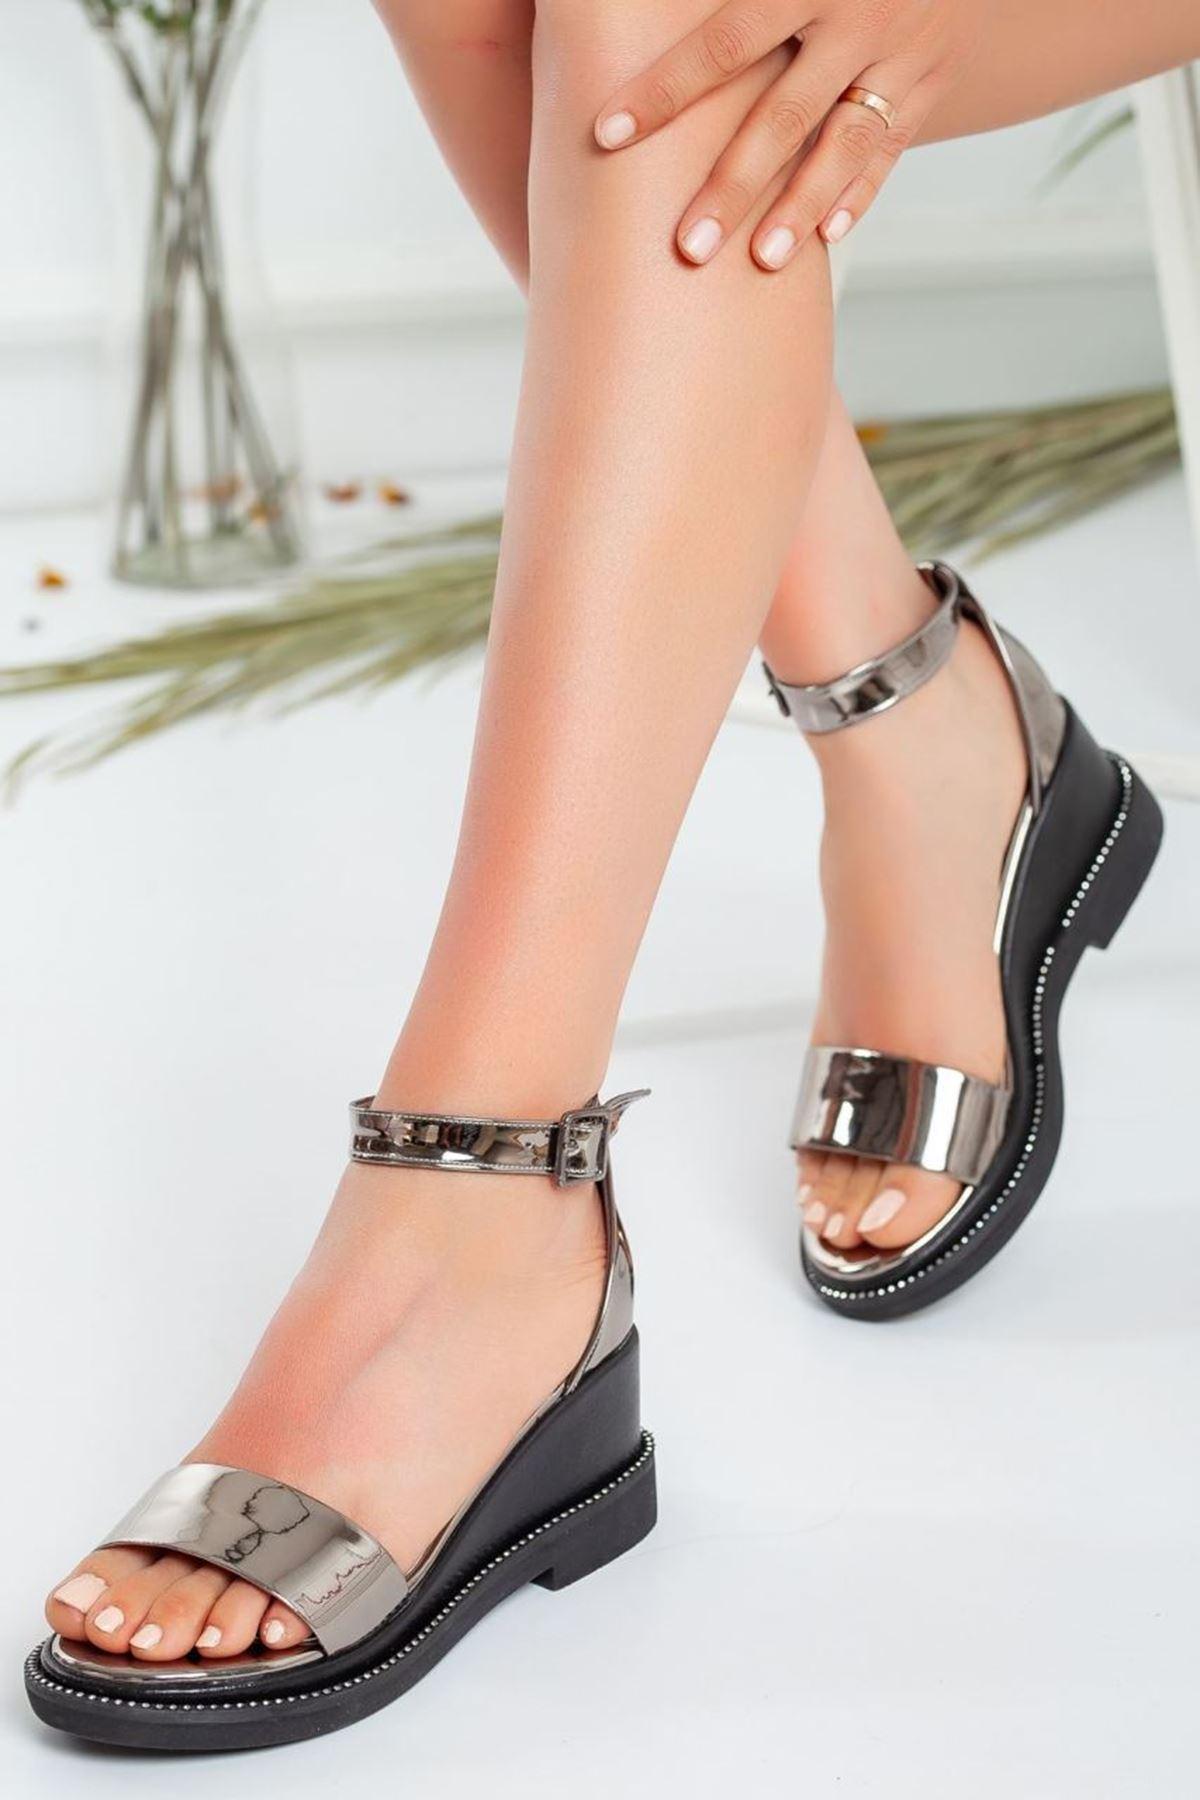 Kadın Egeon Parlak Dolgu Topuk Sandalet Platin Parlak